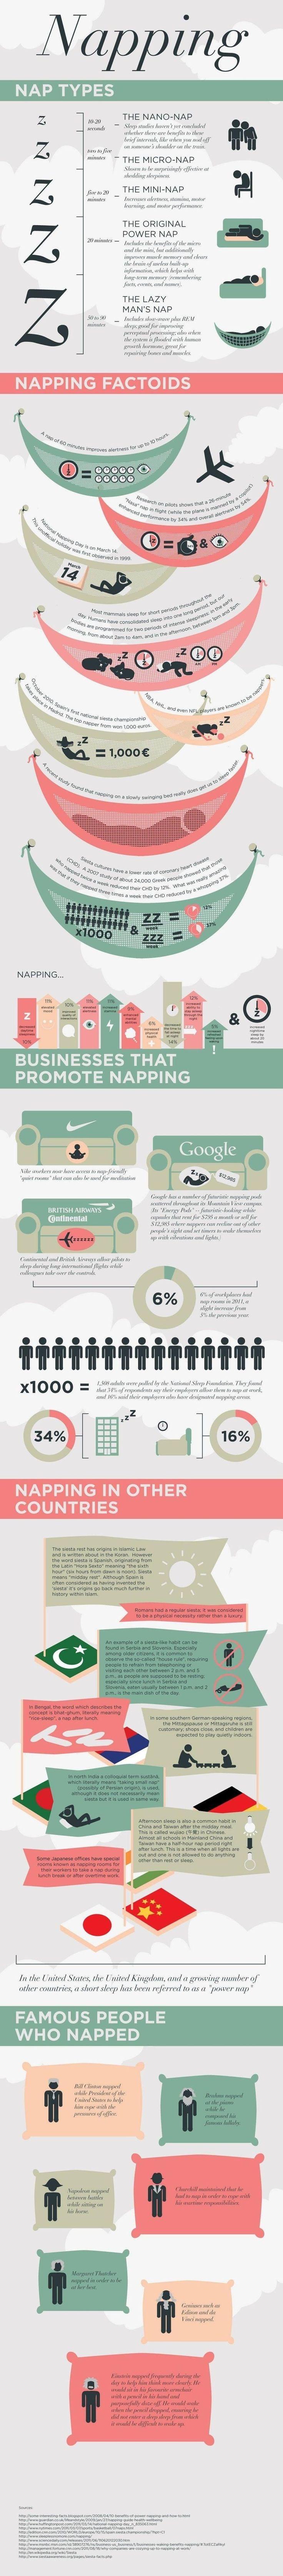 Infografía: Beneficios de la siesta, en casa y el trabajo